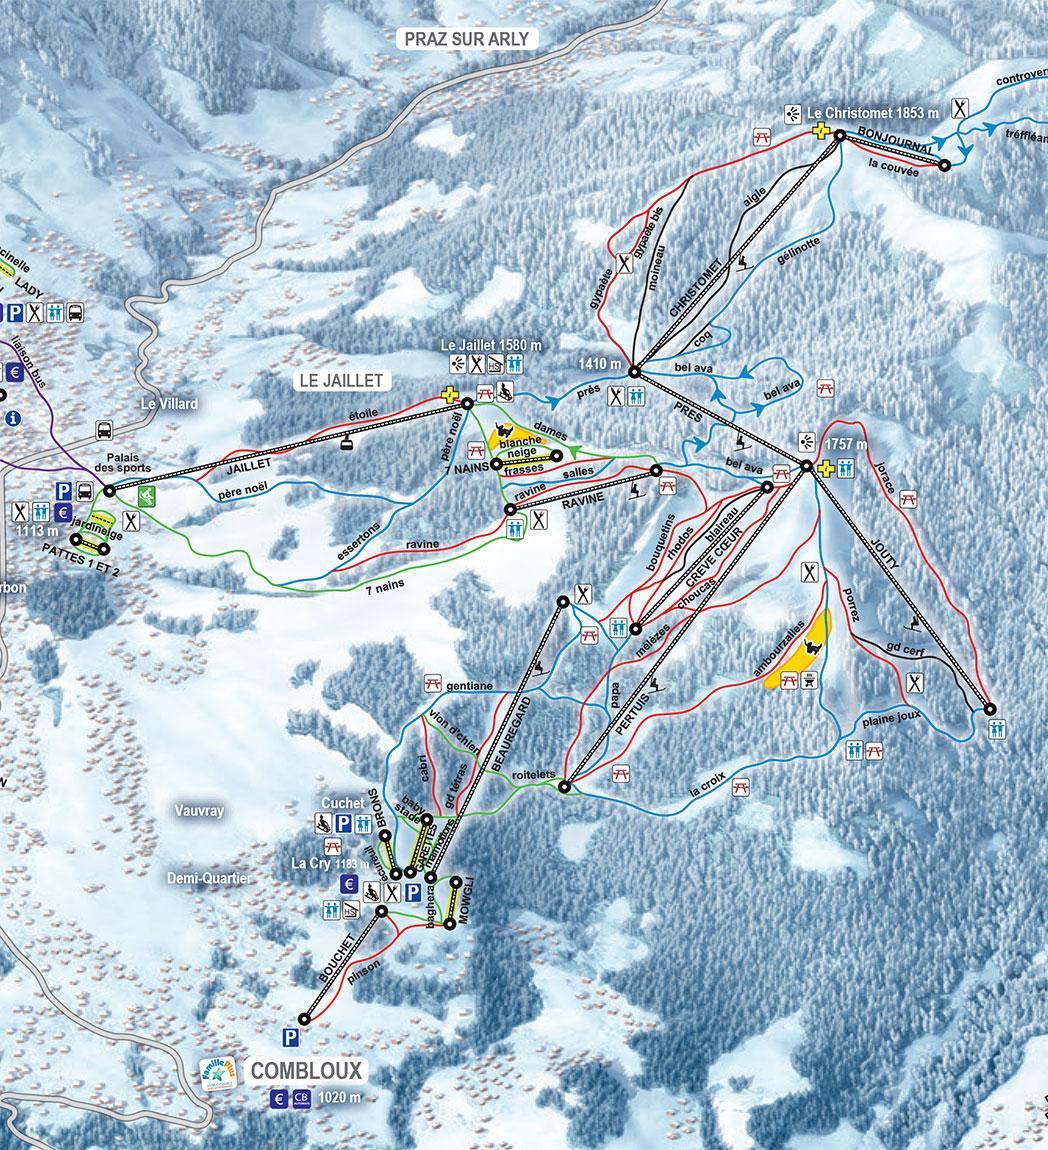 Combloux Piste Map J2Ski